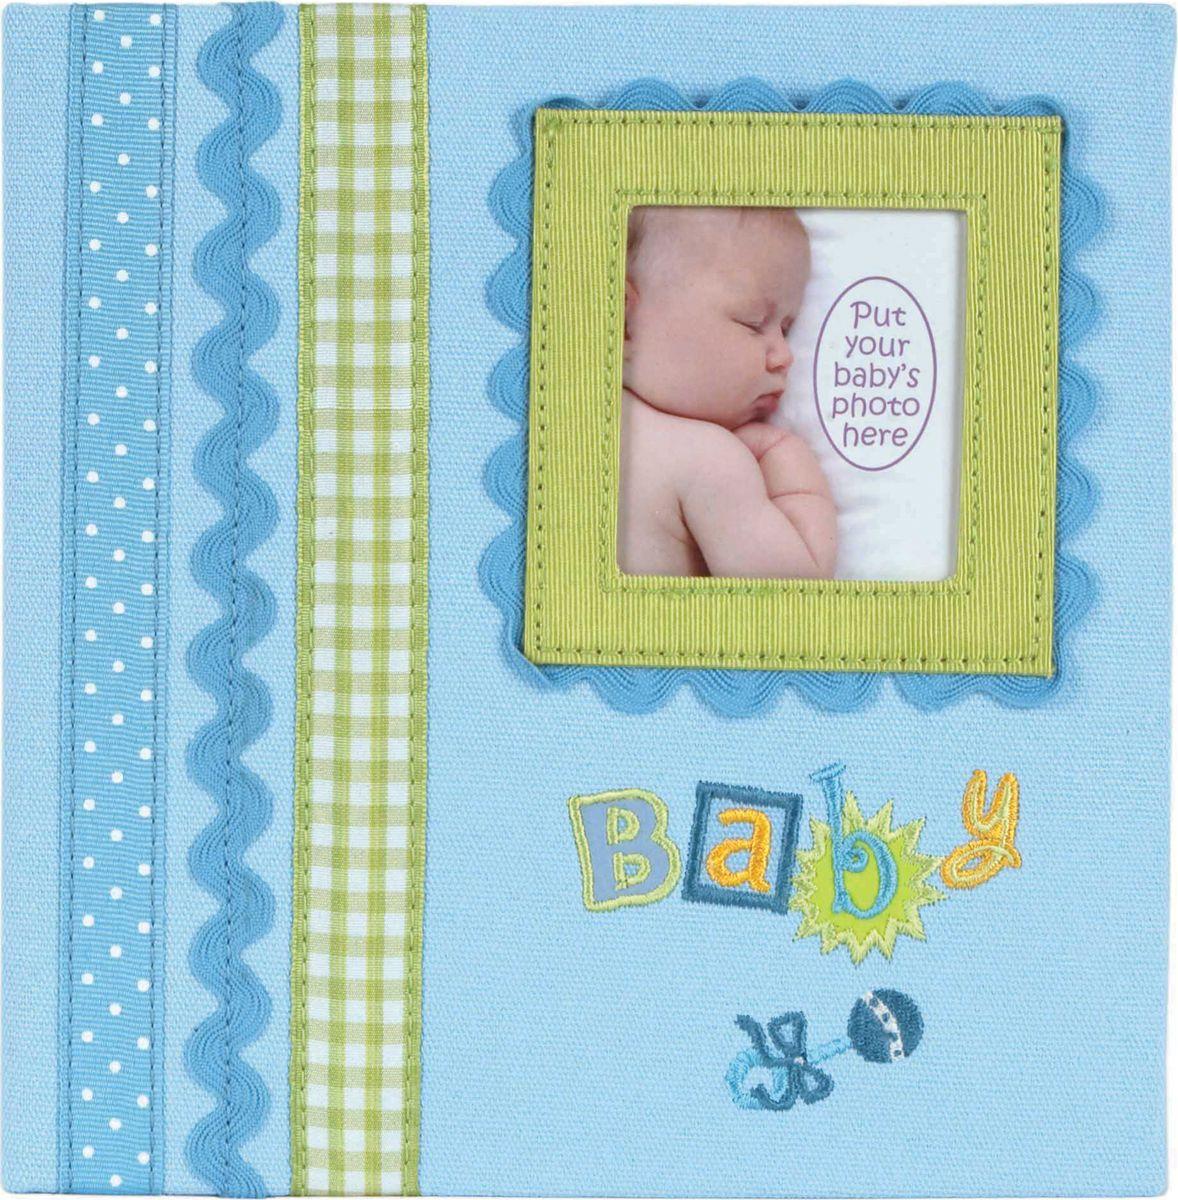 Фотоальбом Innova Baby Memories Blue Memo, цвет: голубой, 180 фотографий, 10 x 15 см фотоальбом platinum детский альбом 6 200 фотографий цвет голубой 10 х 15 см